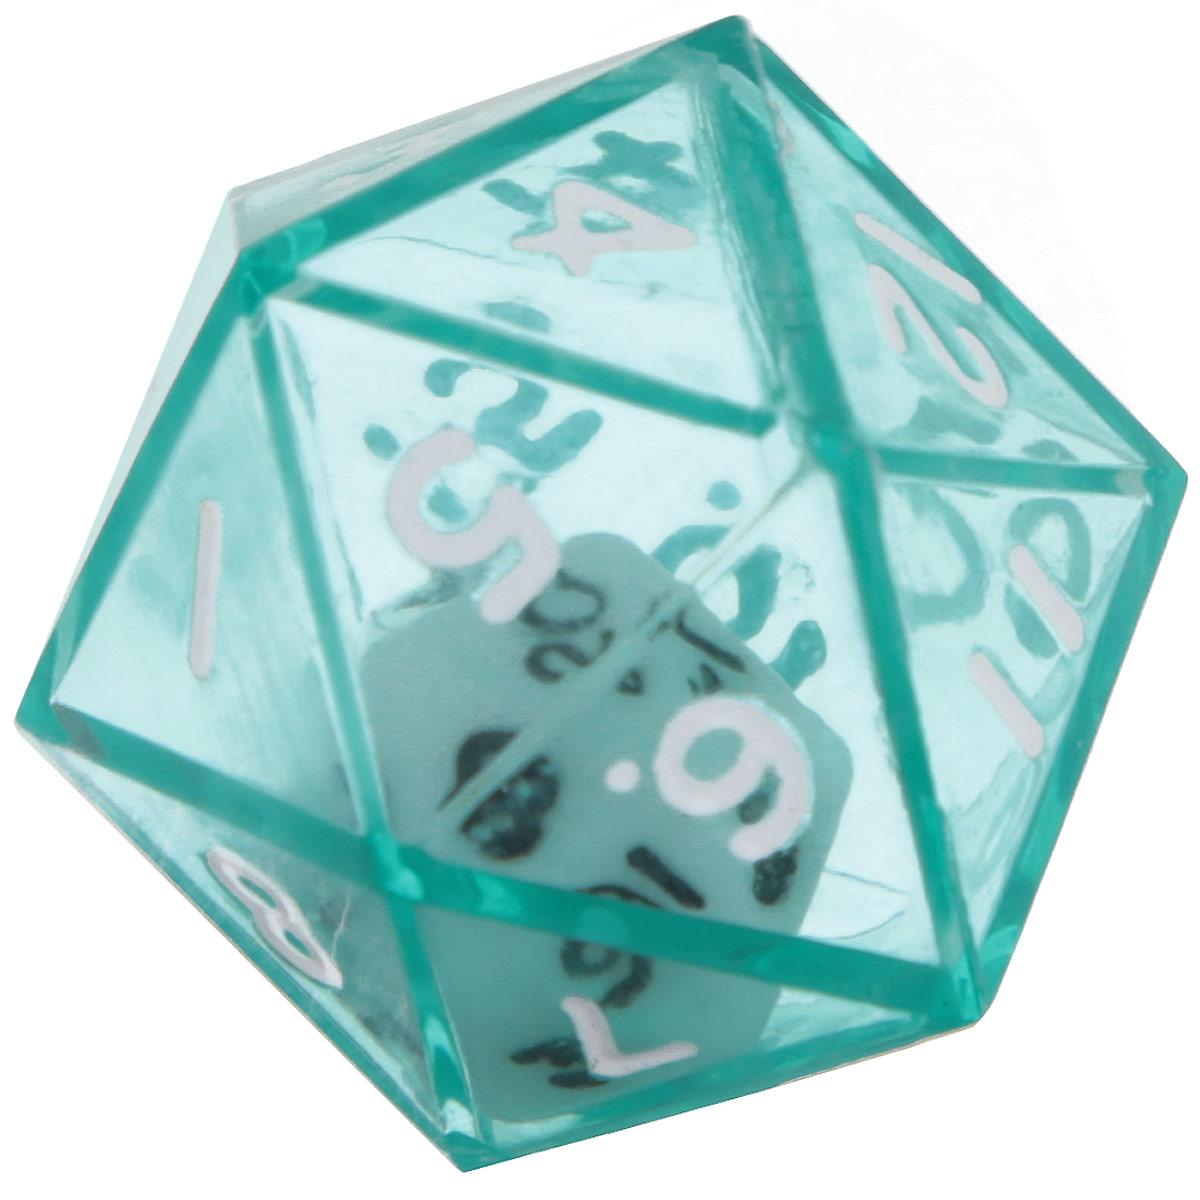 Koplow Games Кость игральная D20 в D20 цвет зеленый